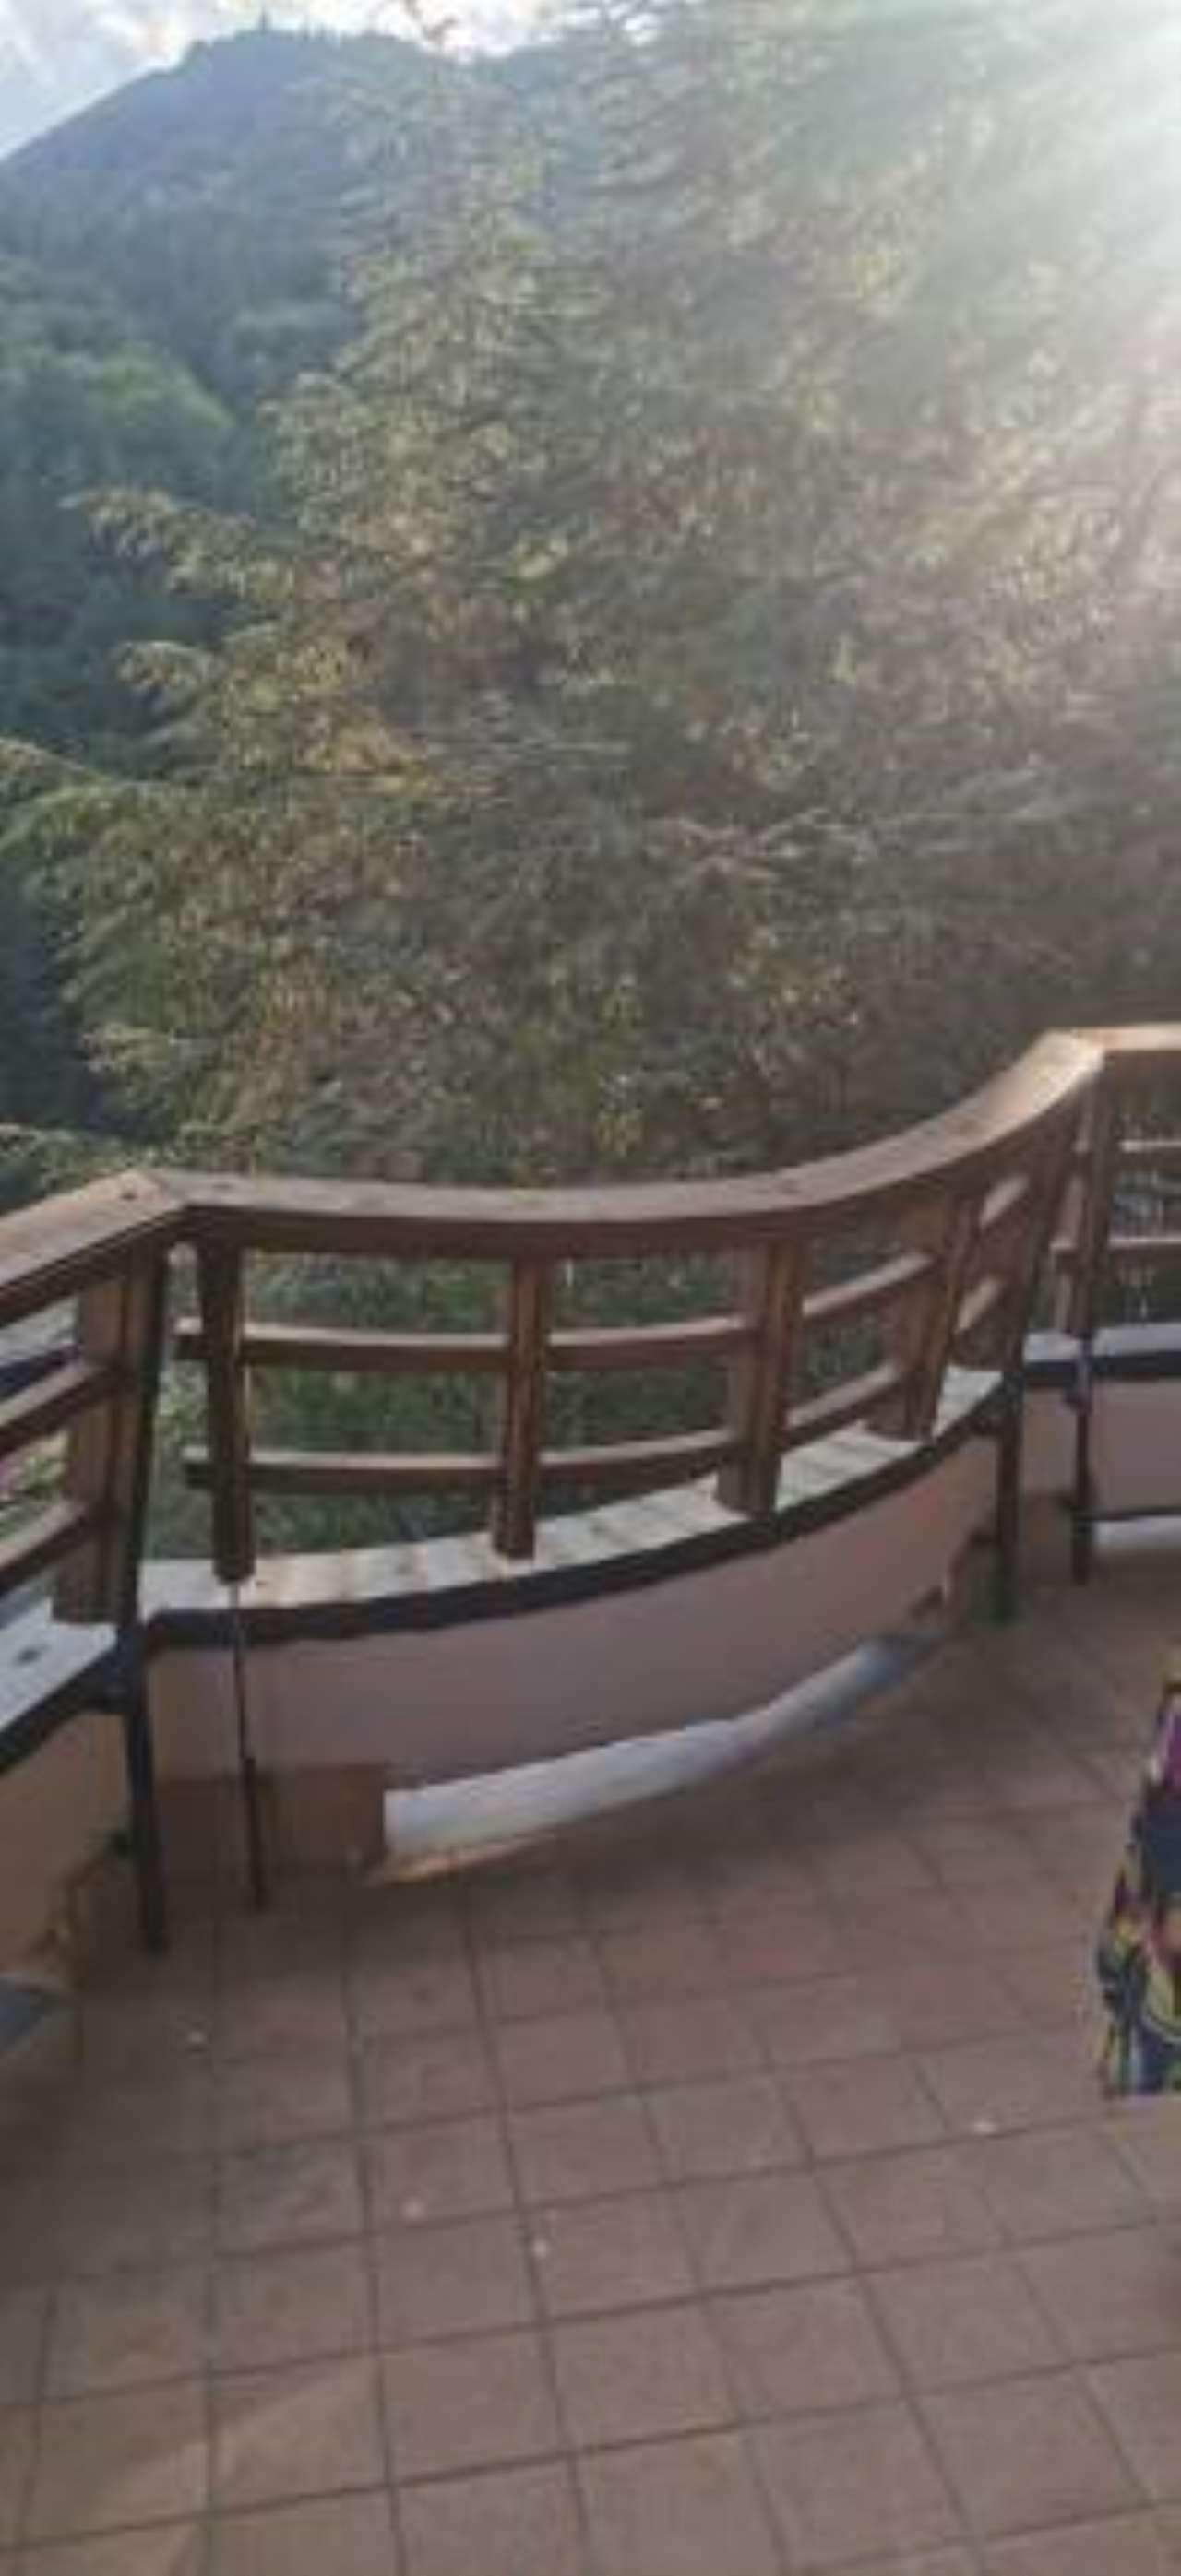 Appartamento in vendita a Roccaraso, 4 locali, prezzo € 170.000 | CambioCasa.it